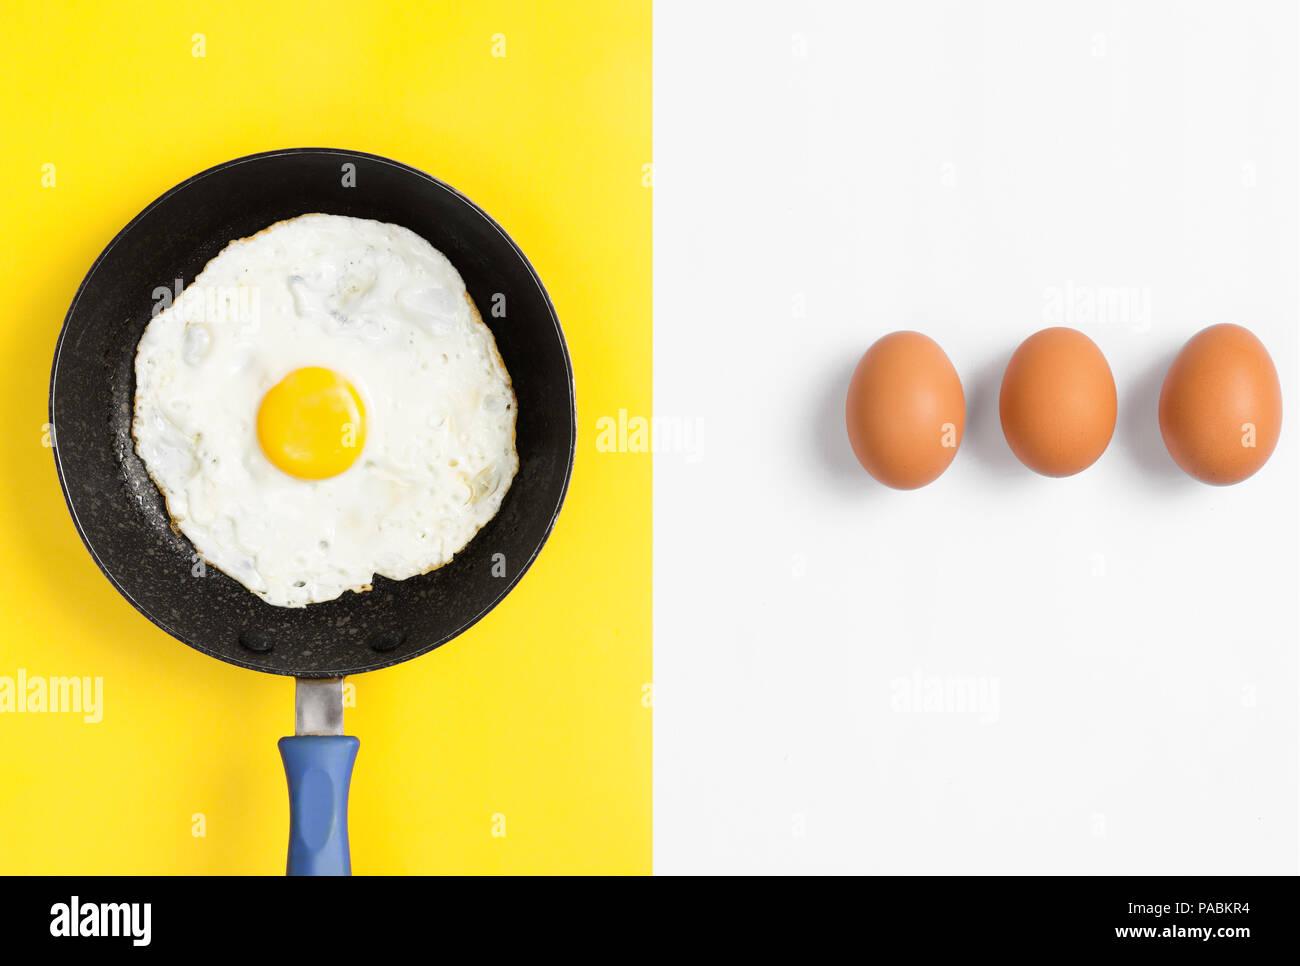 Split piatto a colori immagine laici con uova cotte in padella e uova crude allineati. Immagini Stock